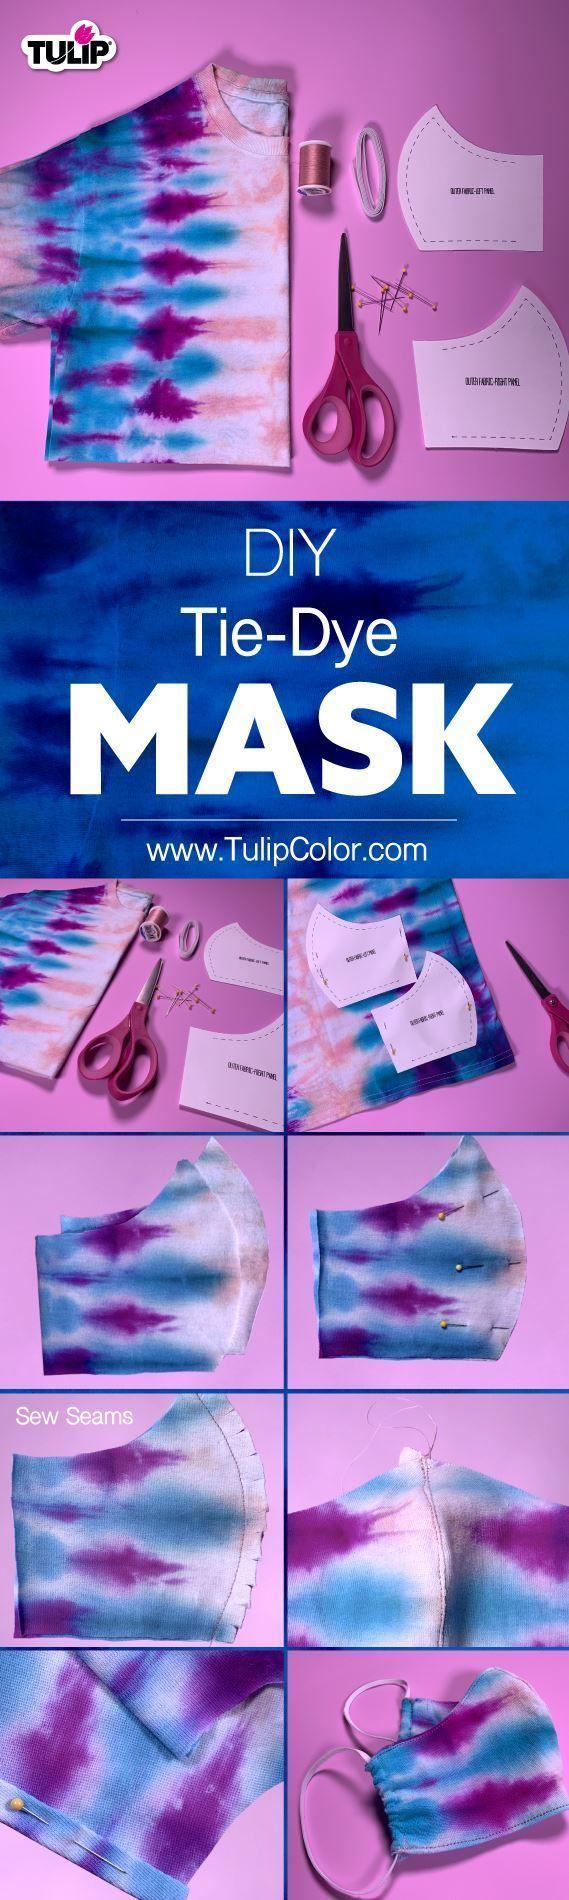 Tulip DIY Tie-Dye Face Mask